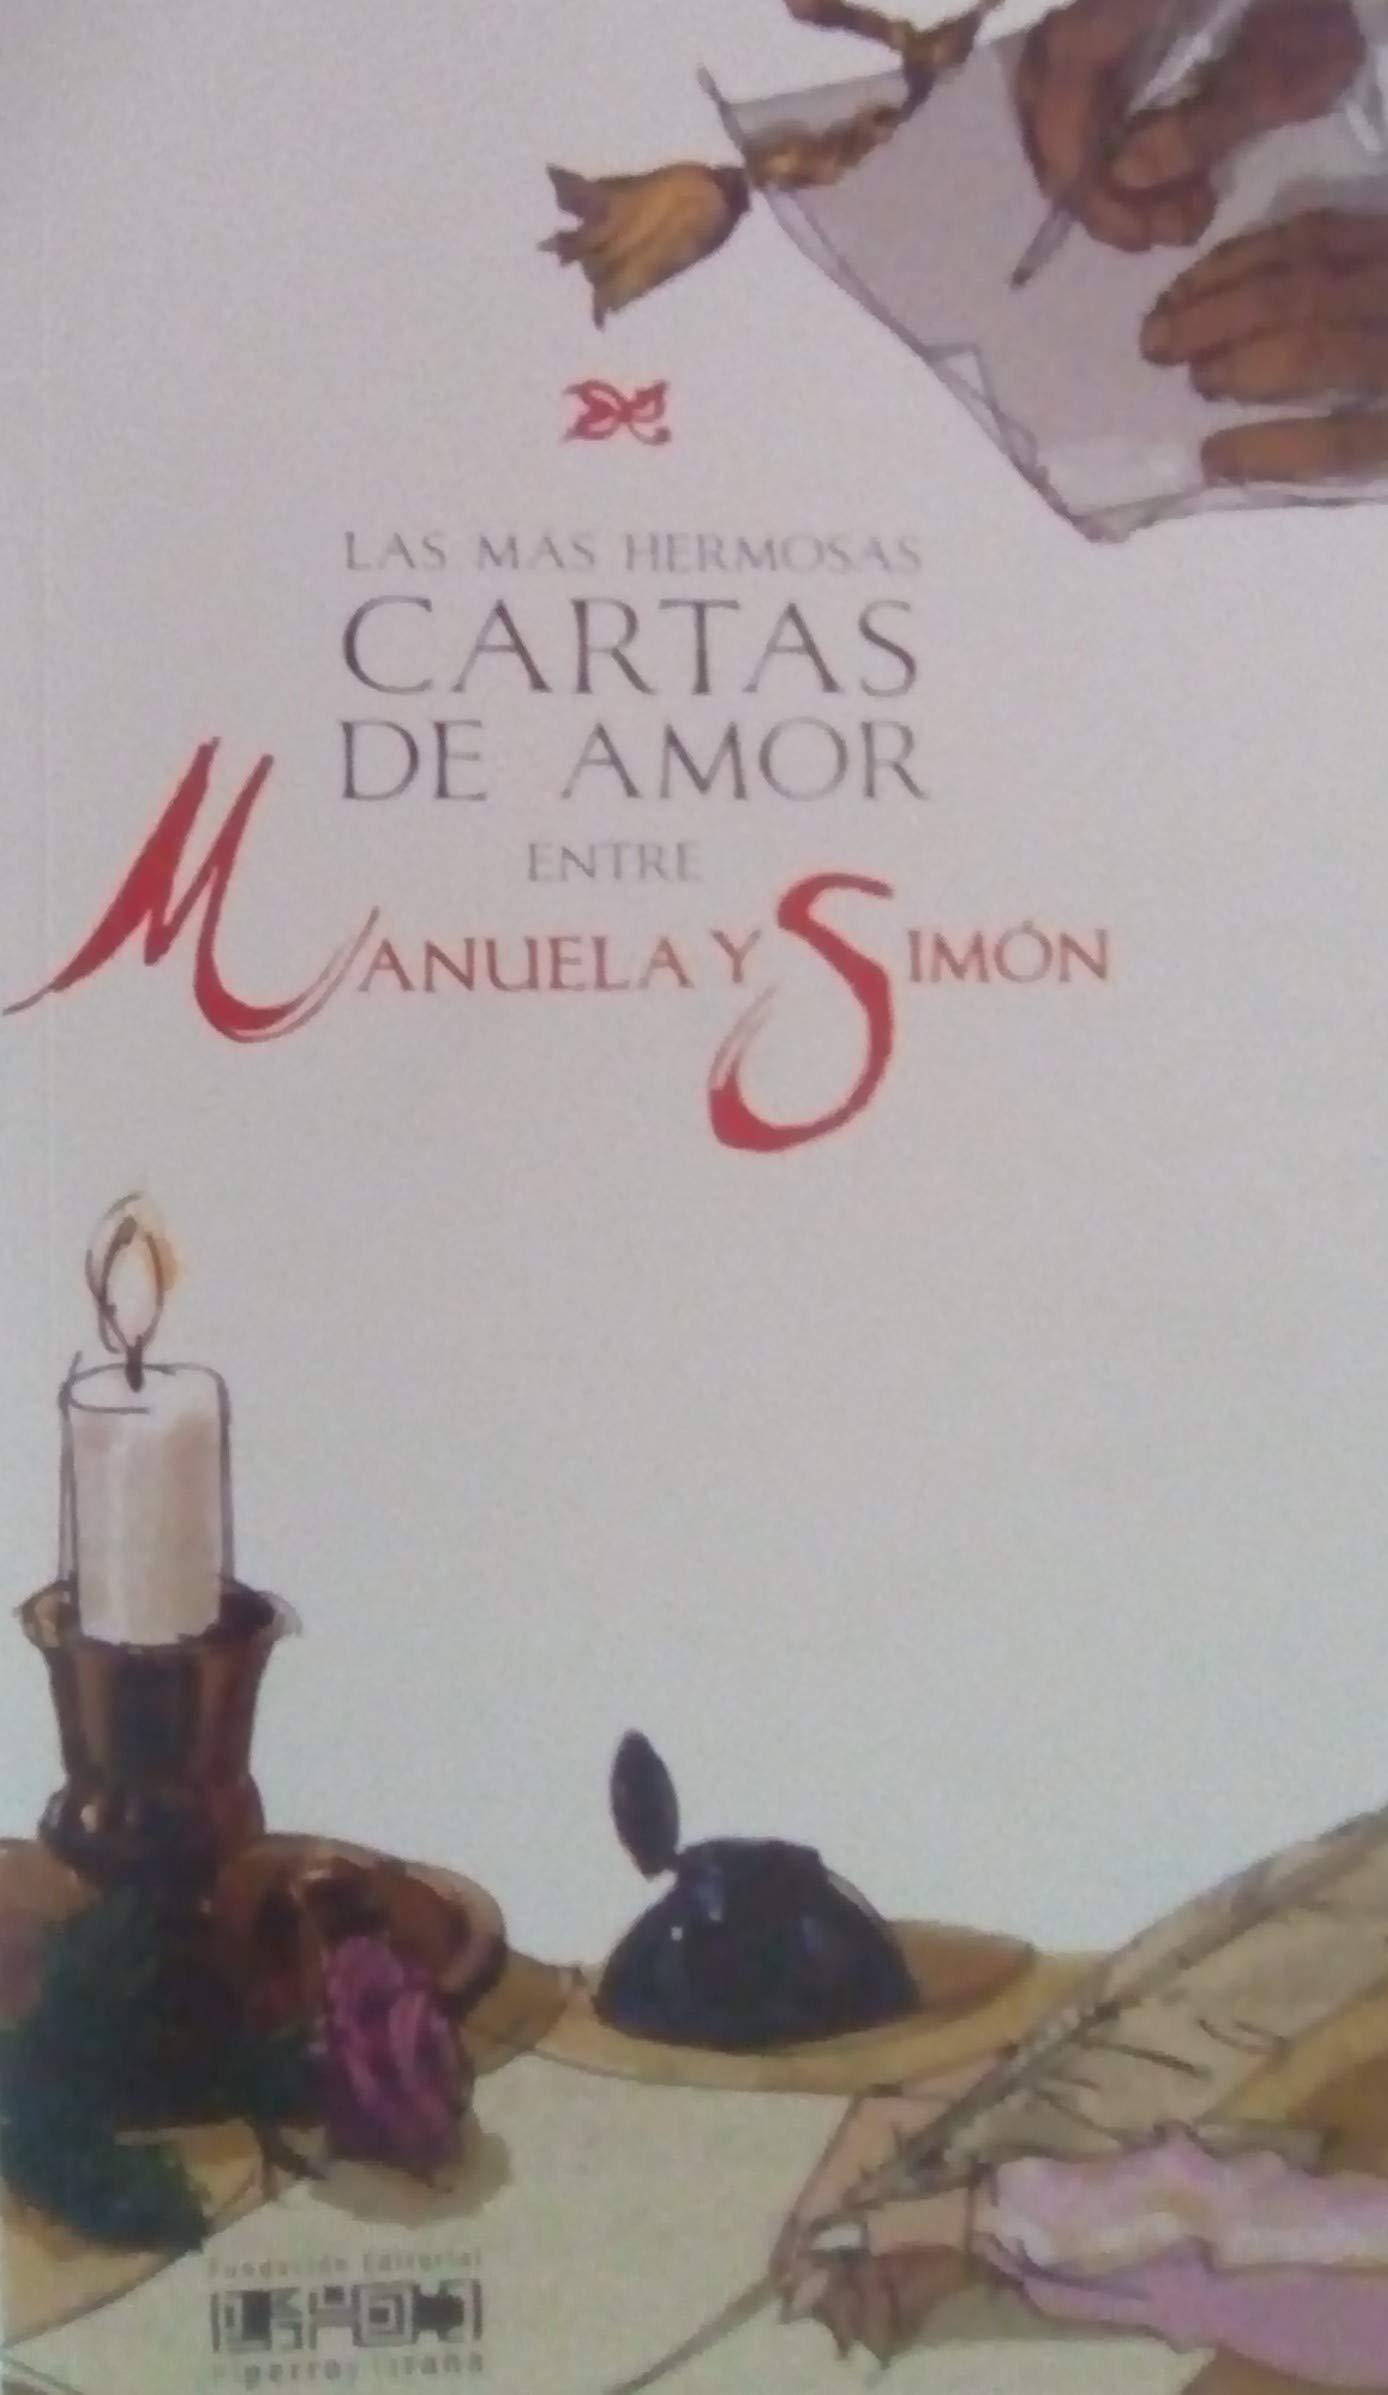 Las Mas Hermosas Cartas De Amor Entre Manuela Y Simon: Simon ...